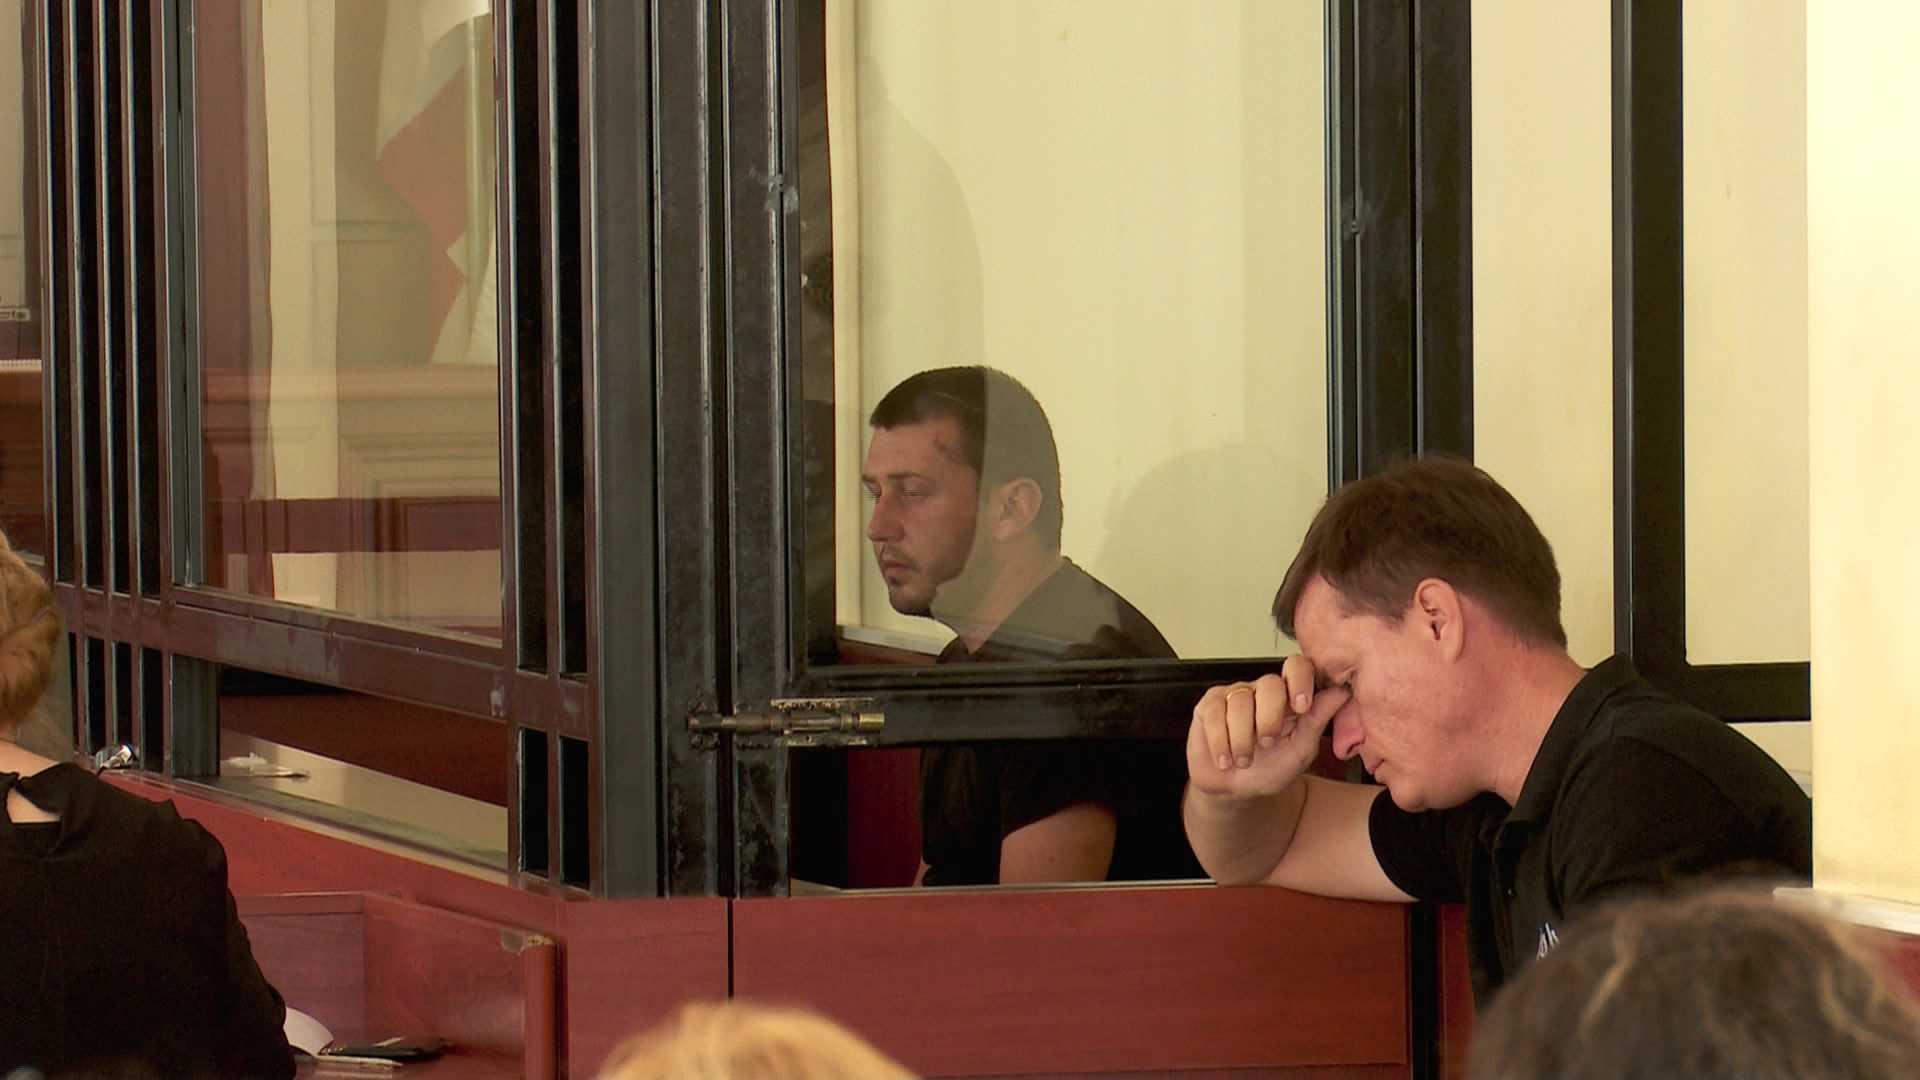 პოლიციის უფროსის მკვლელობაში ბრალდებულს პატიმრობა შეეფარდა